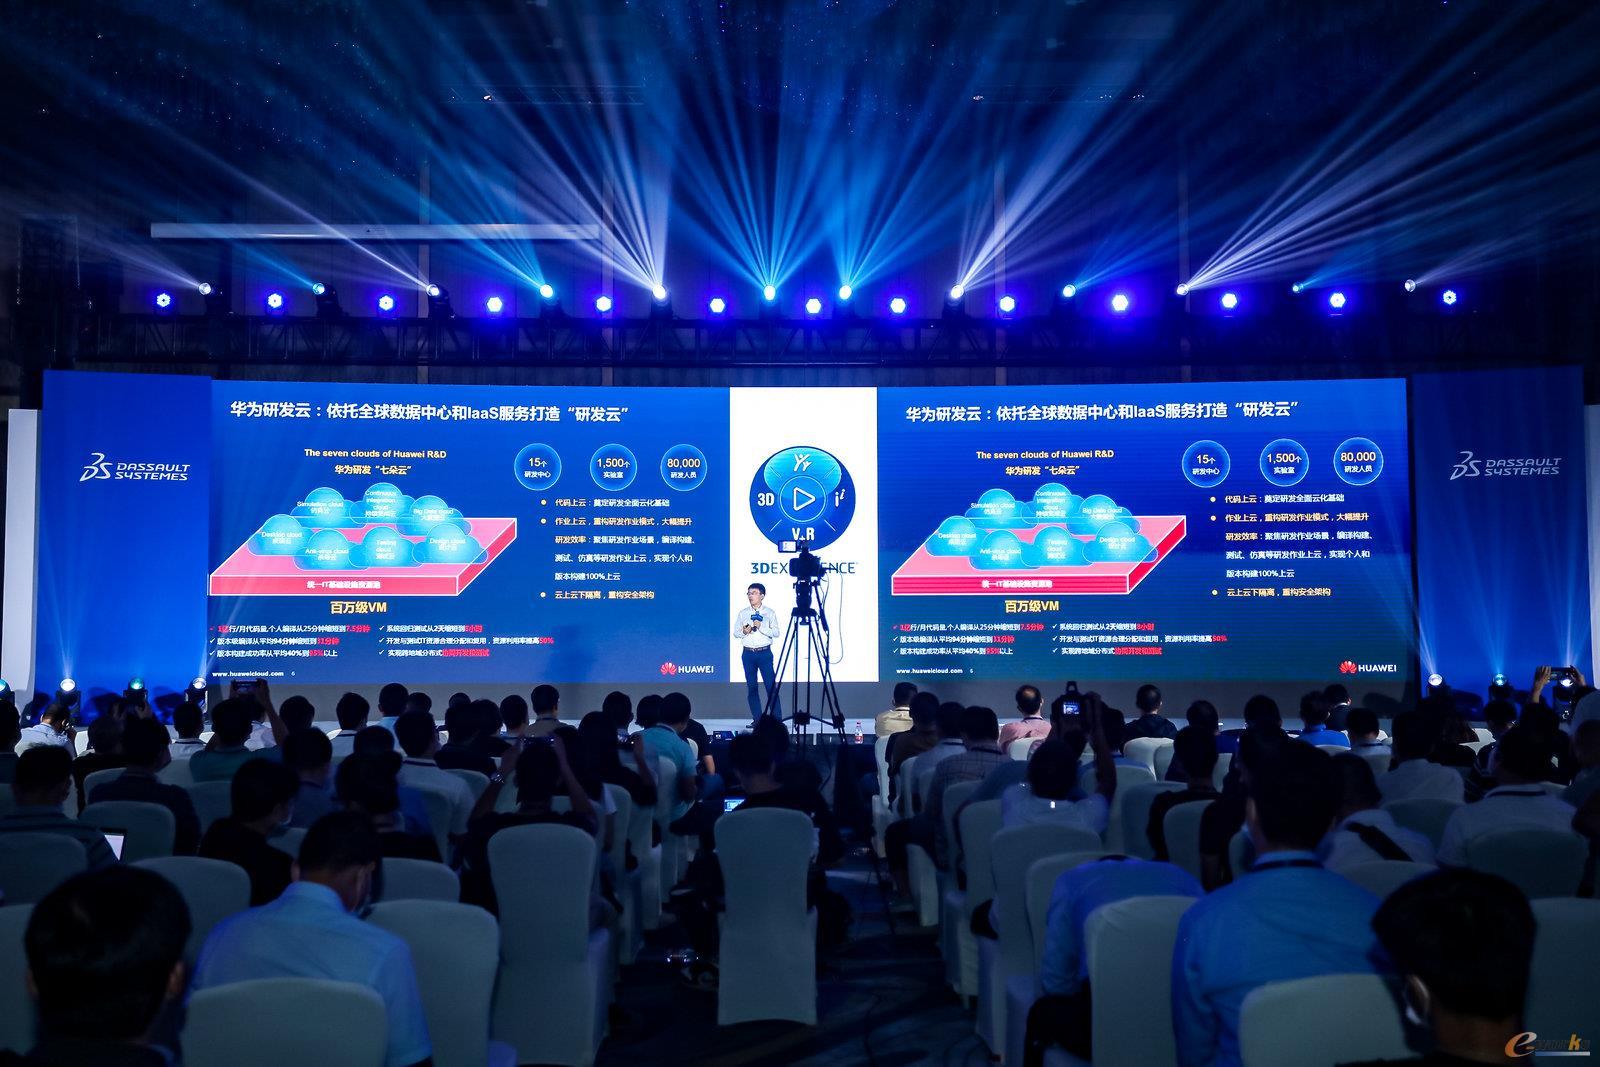 达索系统高科技行业峰会